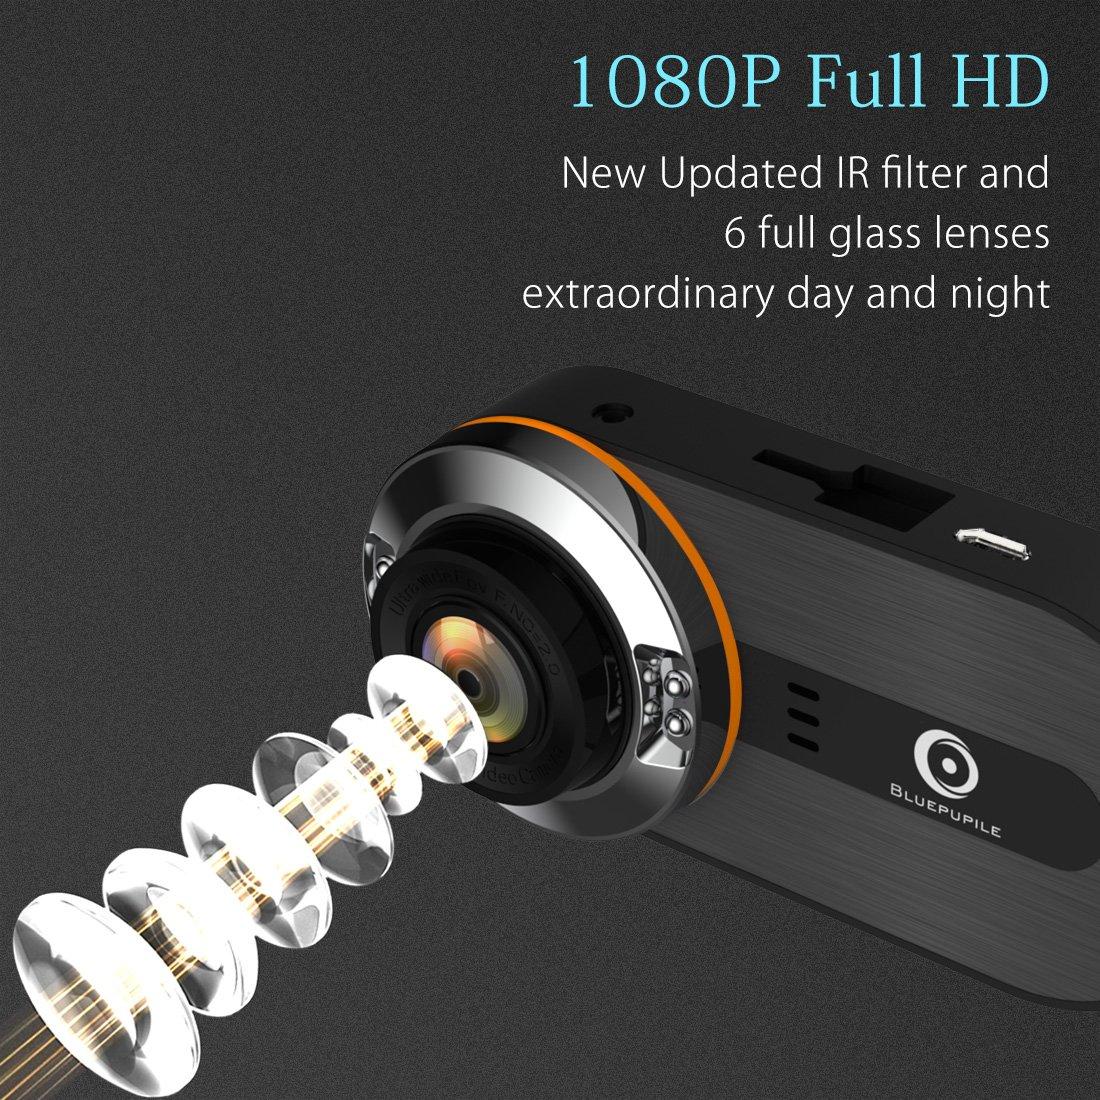 1080P DVR con Sensor G Modo de Aparcamiento C/ámara para salpicadero de Coche Full HD /ángulo Amplio de 170 Grados visi/ón Nocturna grabadora de v/ídeo para conducci/ón de Coche grabaci/ón en Bucle